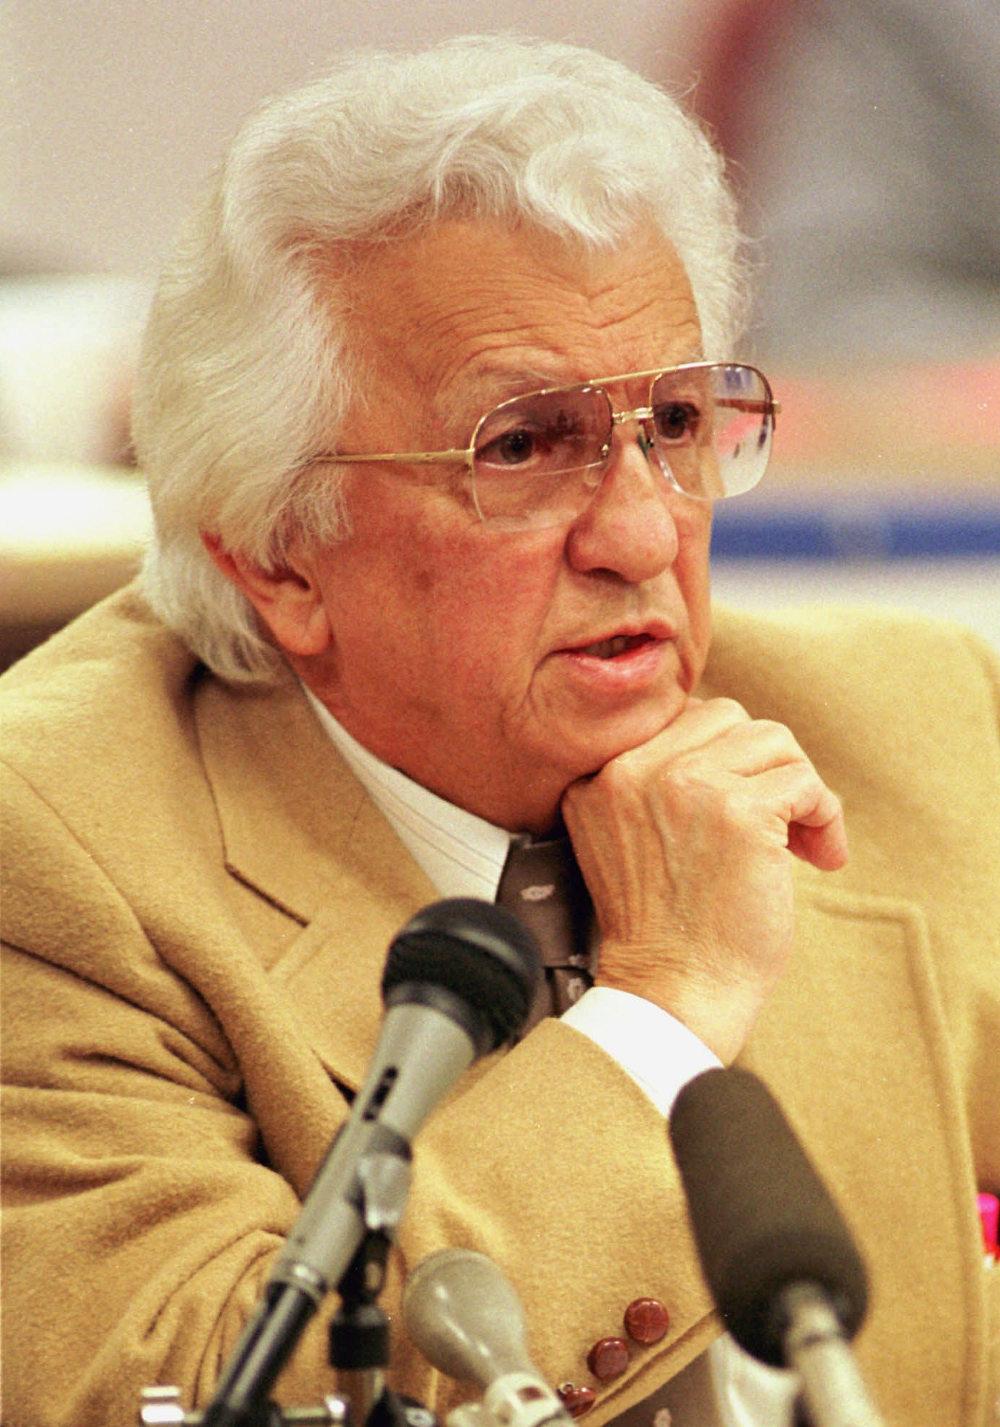 Ο Δρ. Νικ περνά από την επιτροπή που του στερεί το δικαίωμα να ασκεί το επάγγελμα του γιατρού το 1995